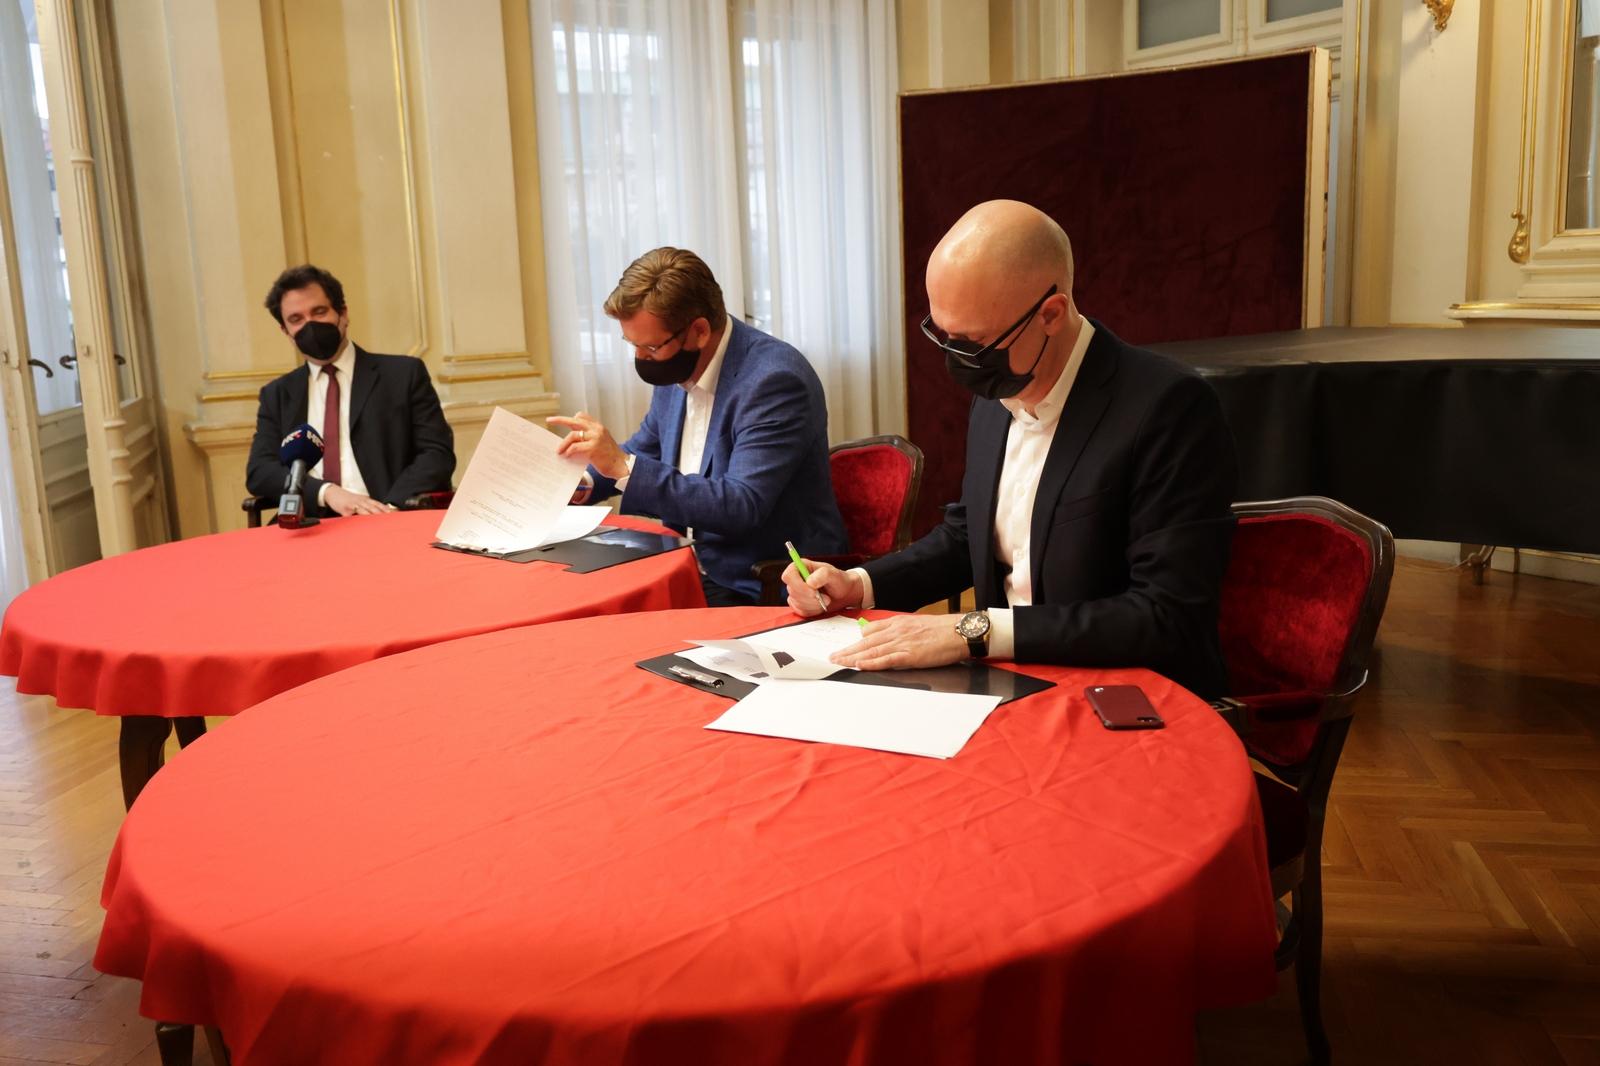 Potpisan sporazum između riječke Opere i Zagrebačke filharmonije